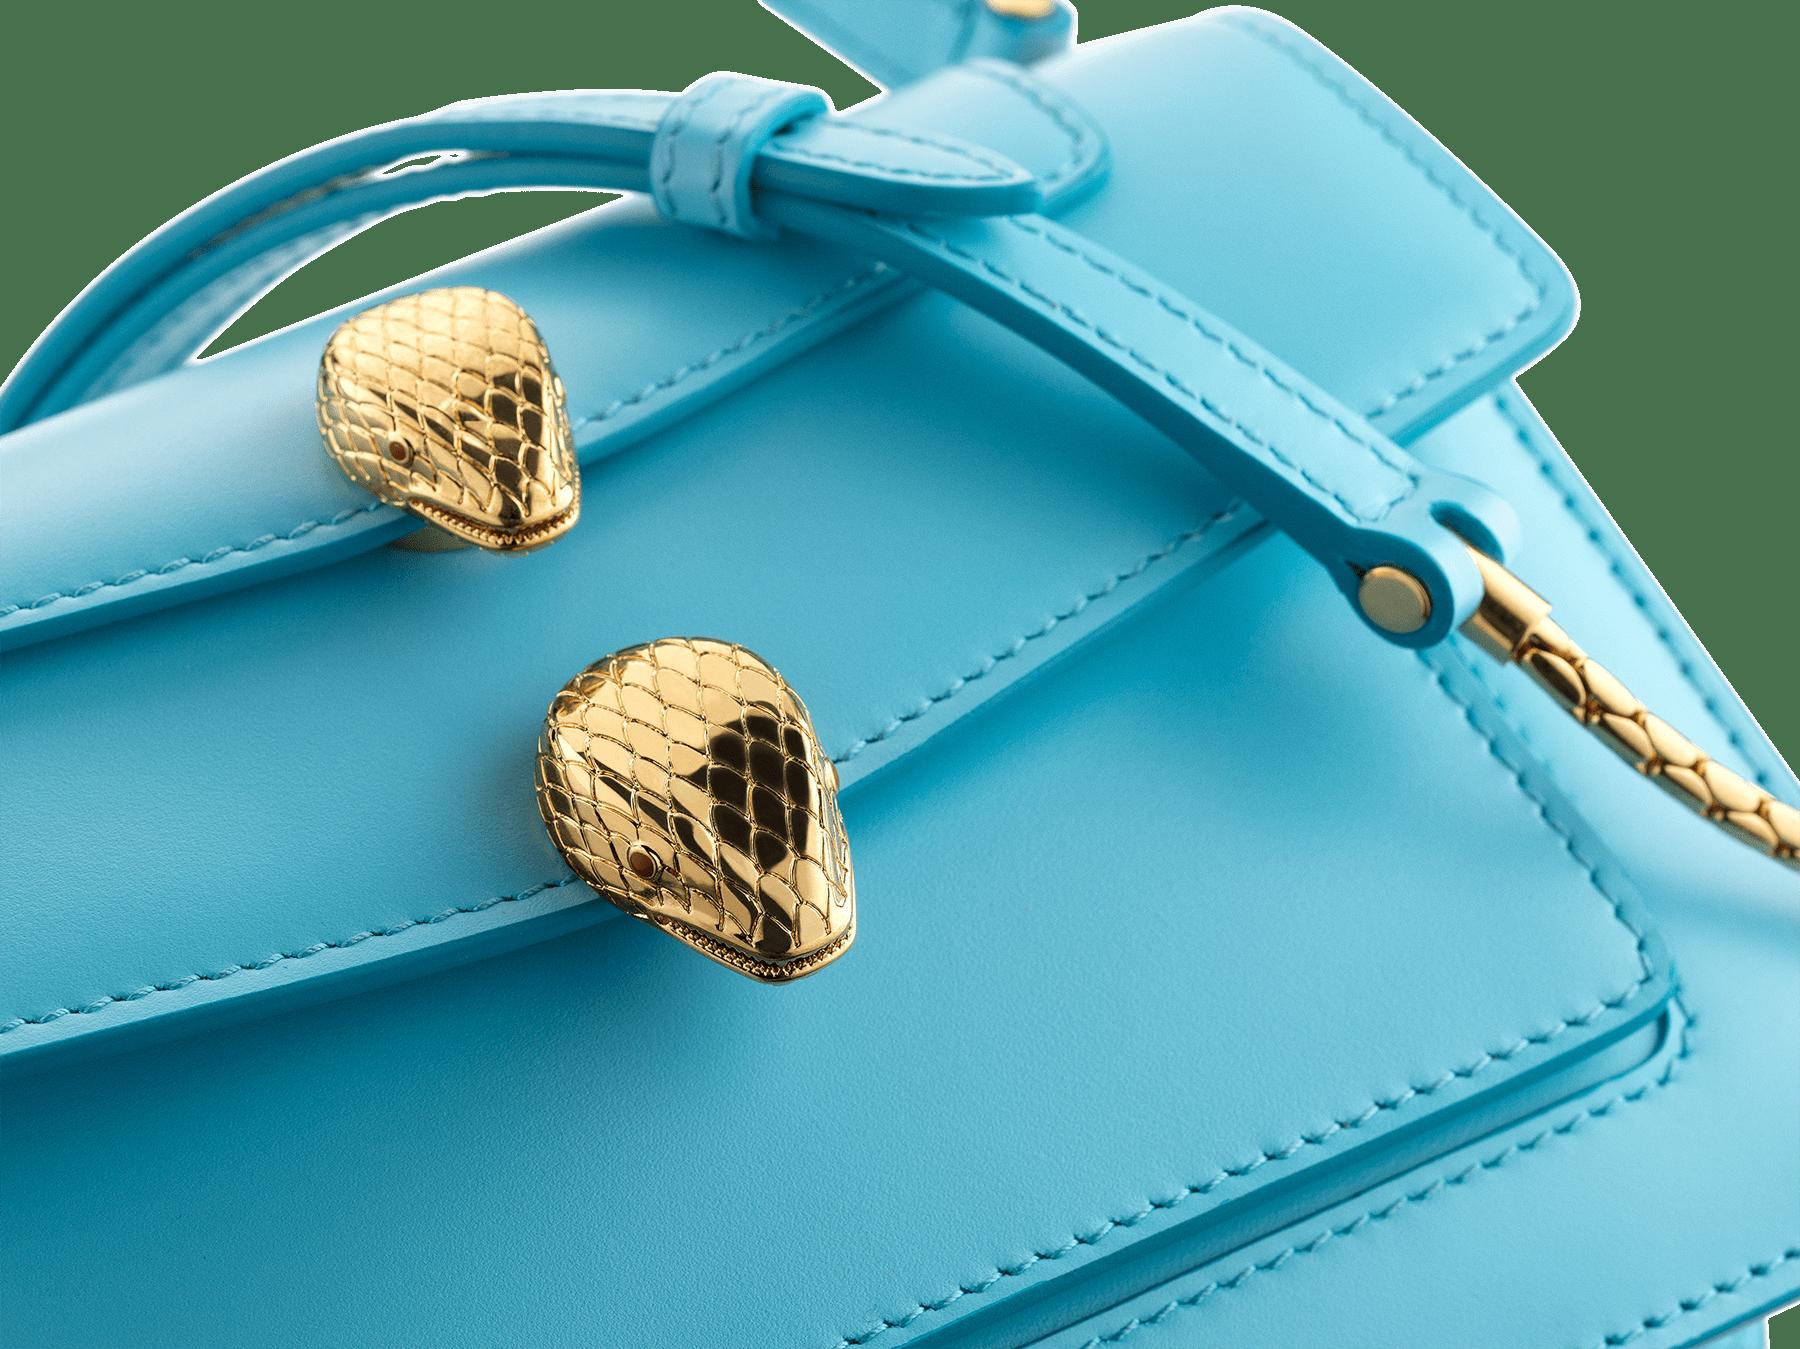 Belt bag Alexander Wang x Bvlgari en cuir de veau lisse pêche. Nouveau fermoir Serpenti double en laiton doré ancien avec yeux en émail rouge envoûtants. SFW-001-1029S image 7